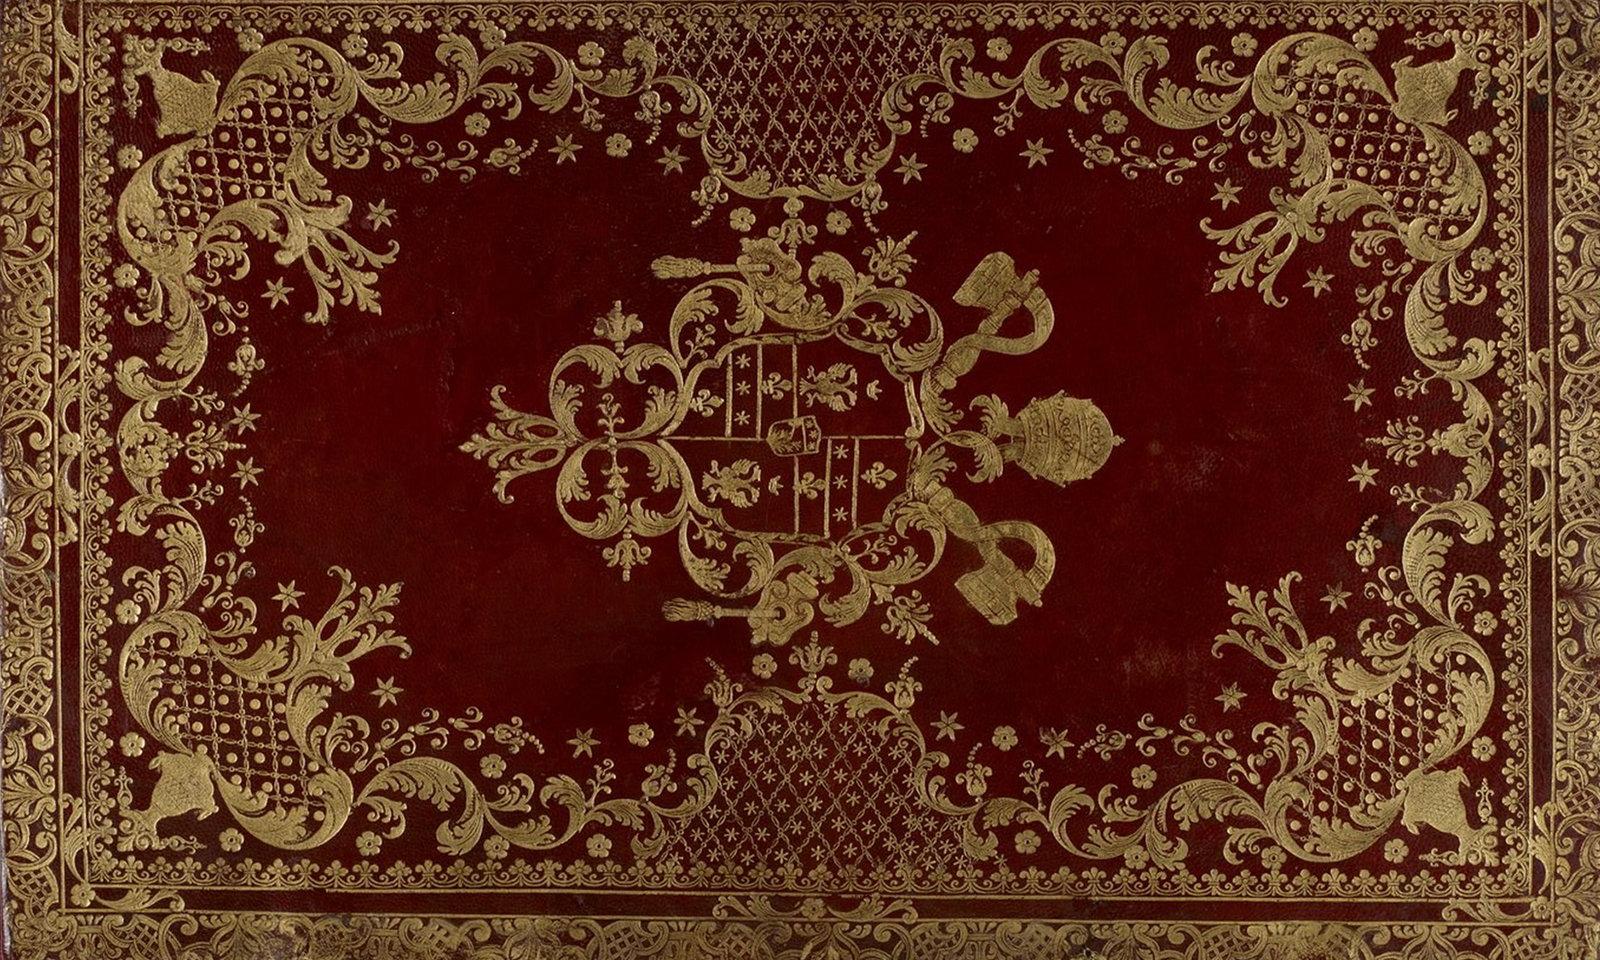 Domenico Cavalca, Vite di Santi Padri, Milan, 15th century, Bibliothèque nationale de France, Italien 1712 Parchment, 247 f., 355 x 235 mm., Public Domain Mark